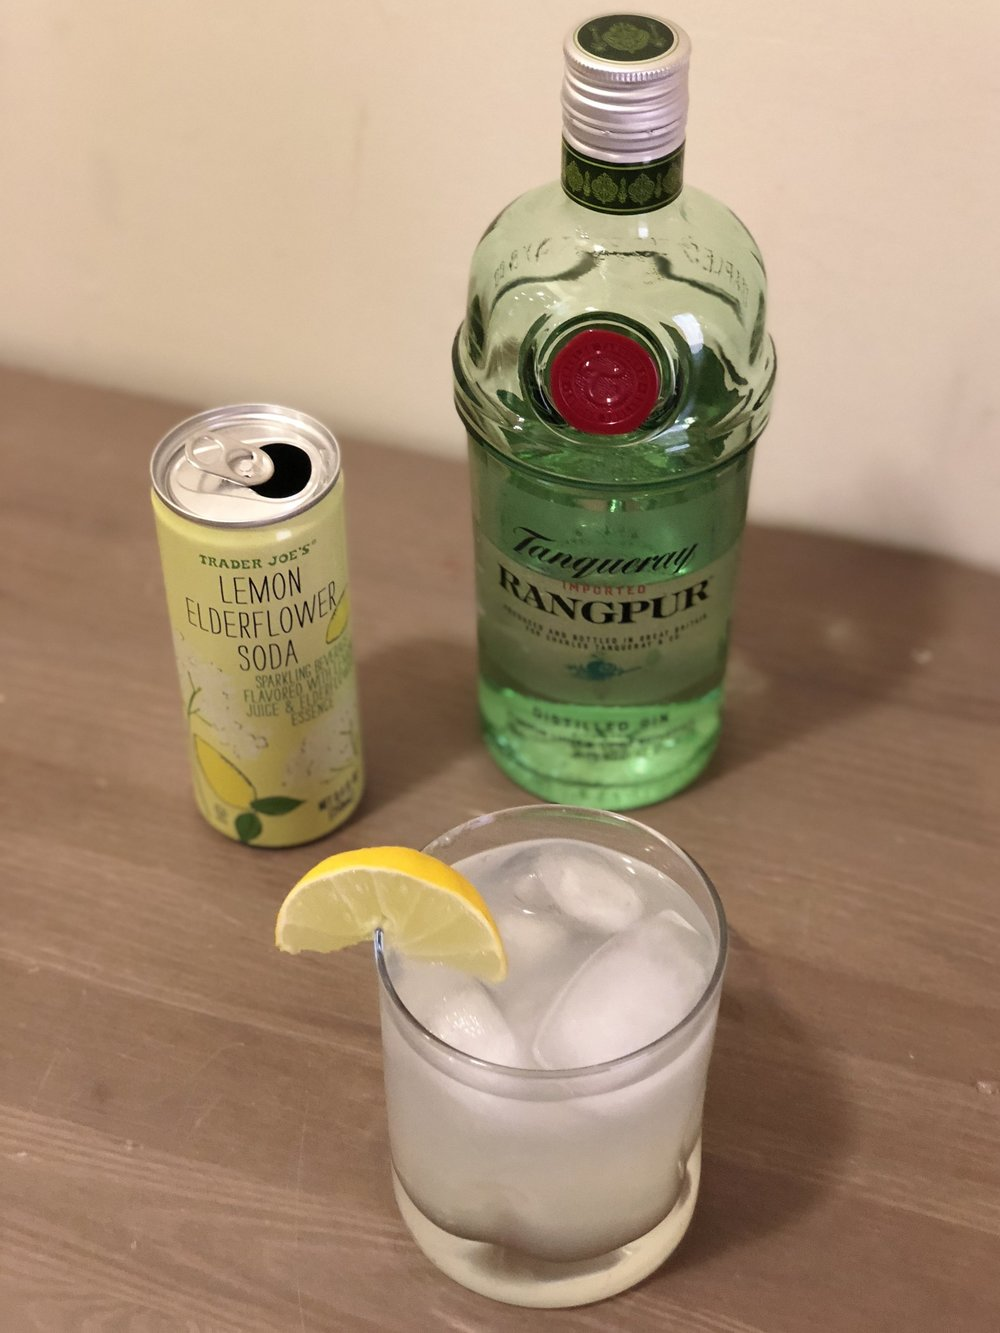 AAY Nutrition Trader Joe's Lemon Elderflower Gin Fizz